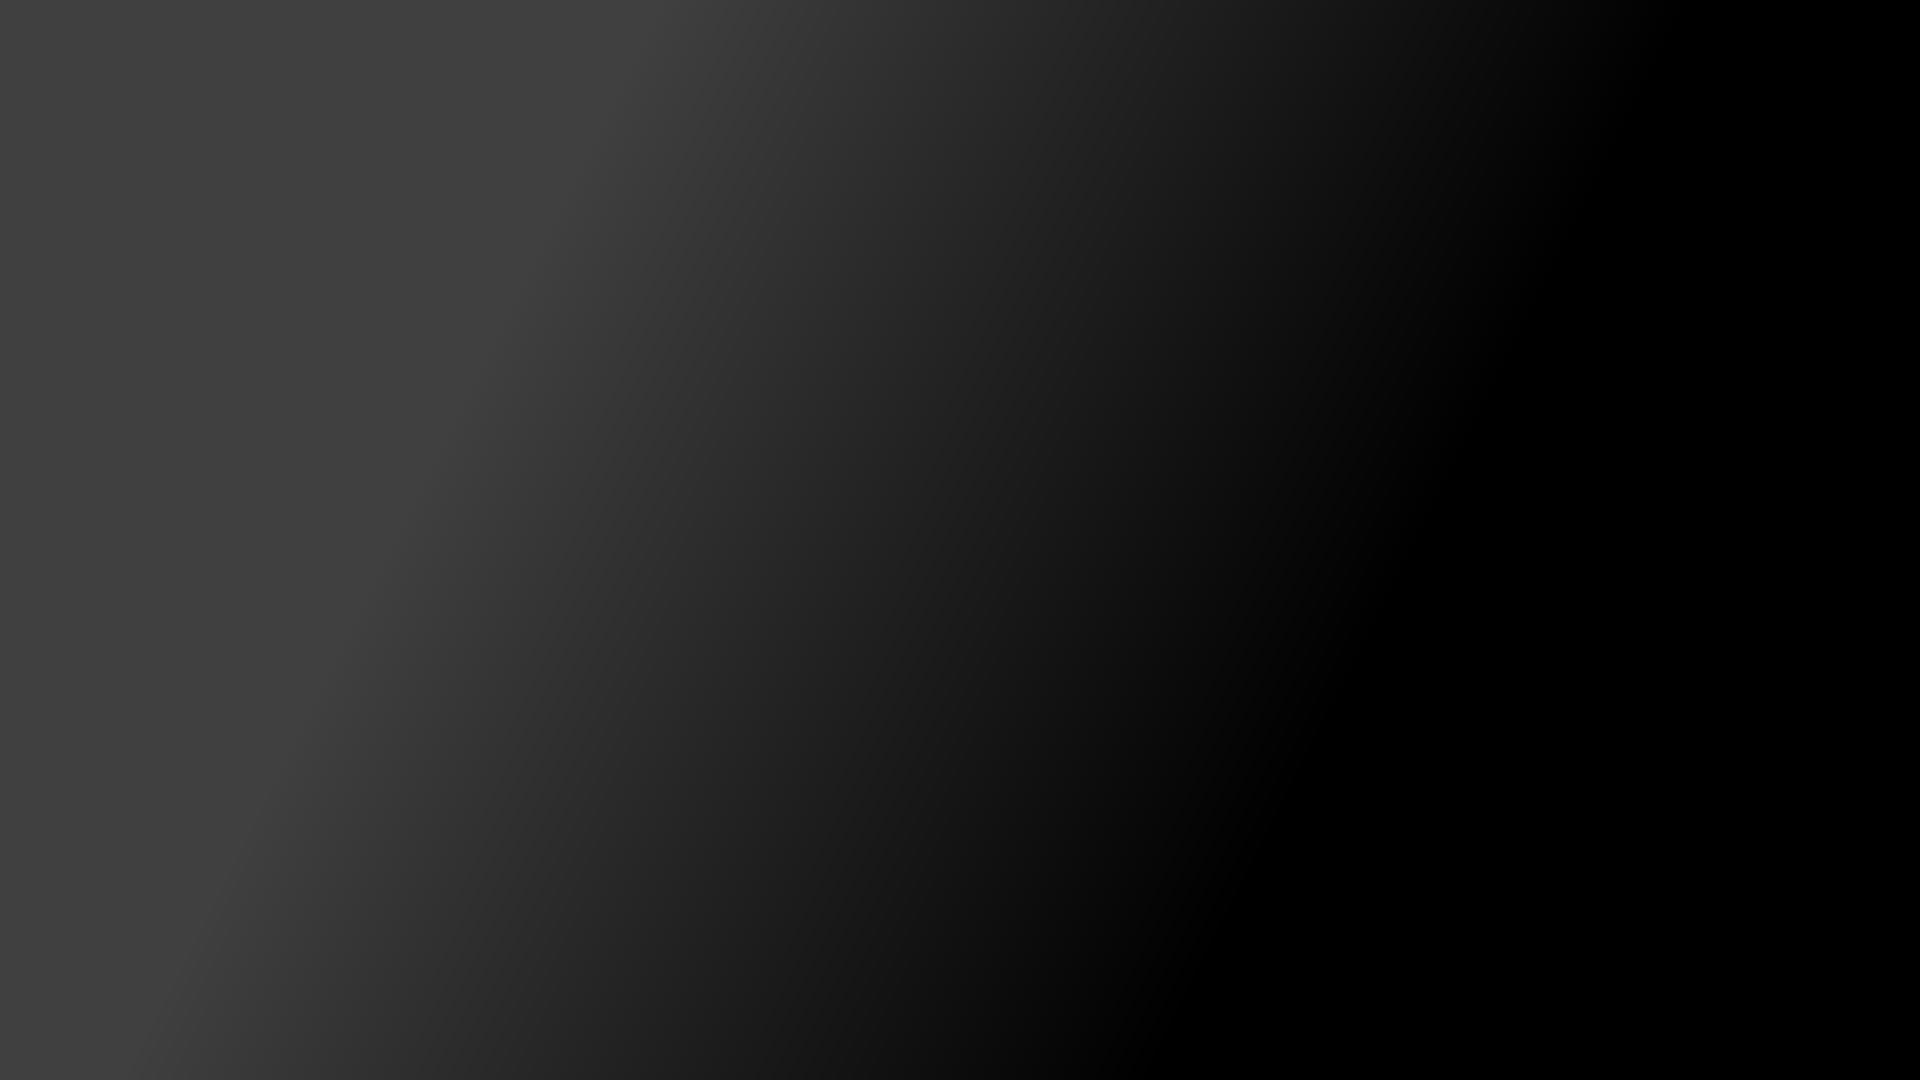 desktop wallpaper backgrounds wallpapers gradient black dark 1920x1080